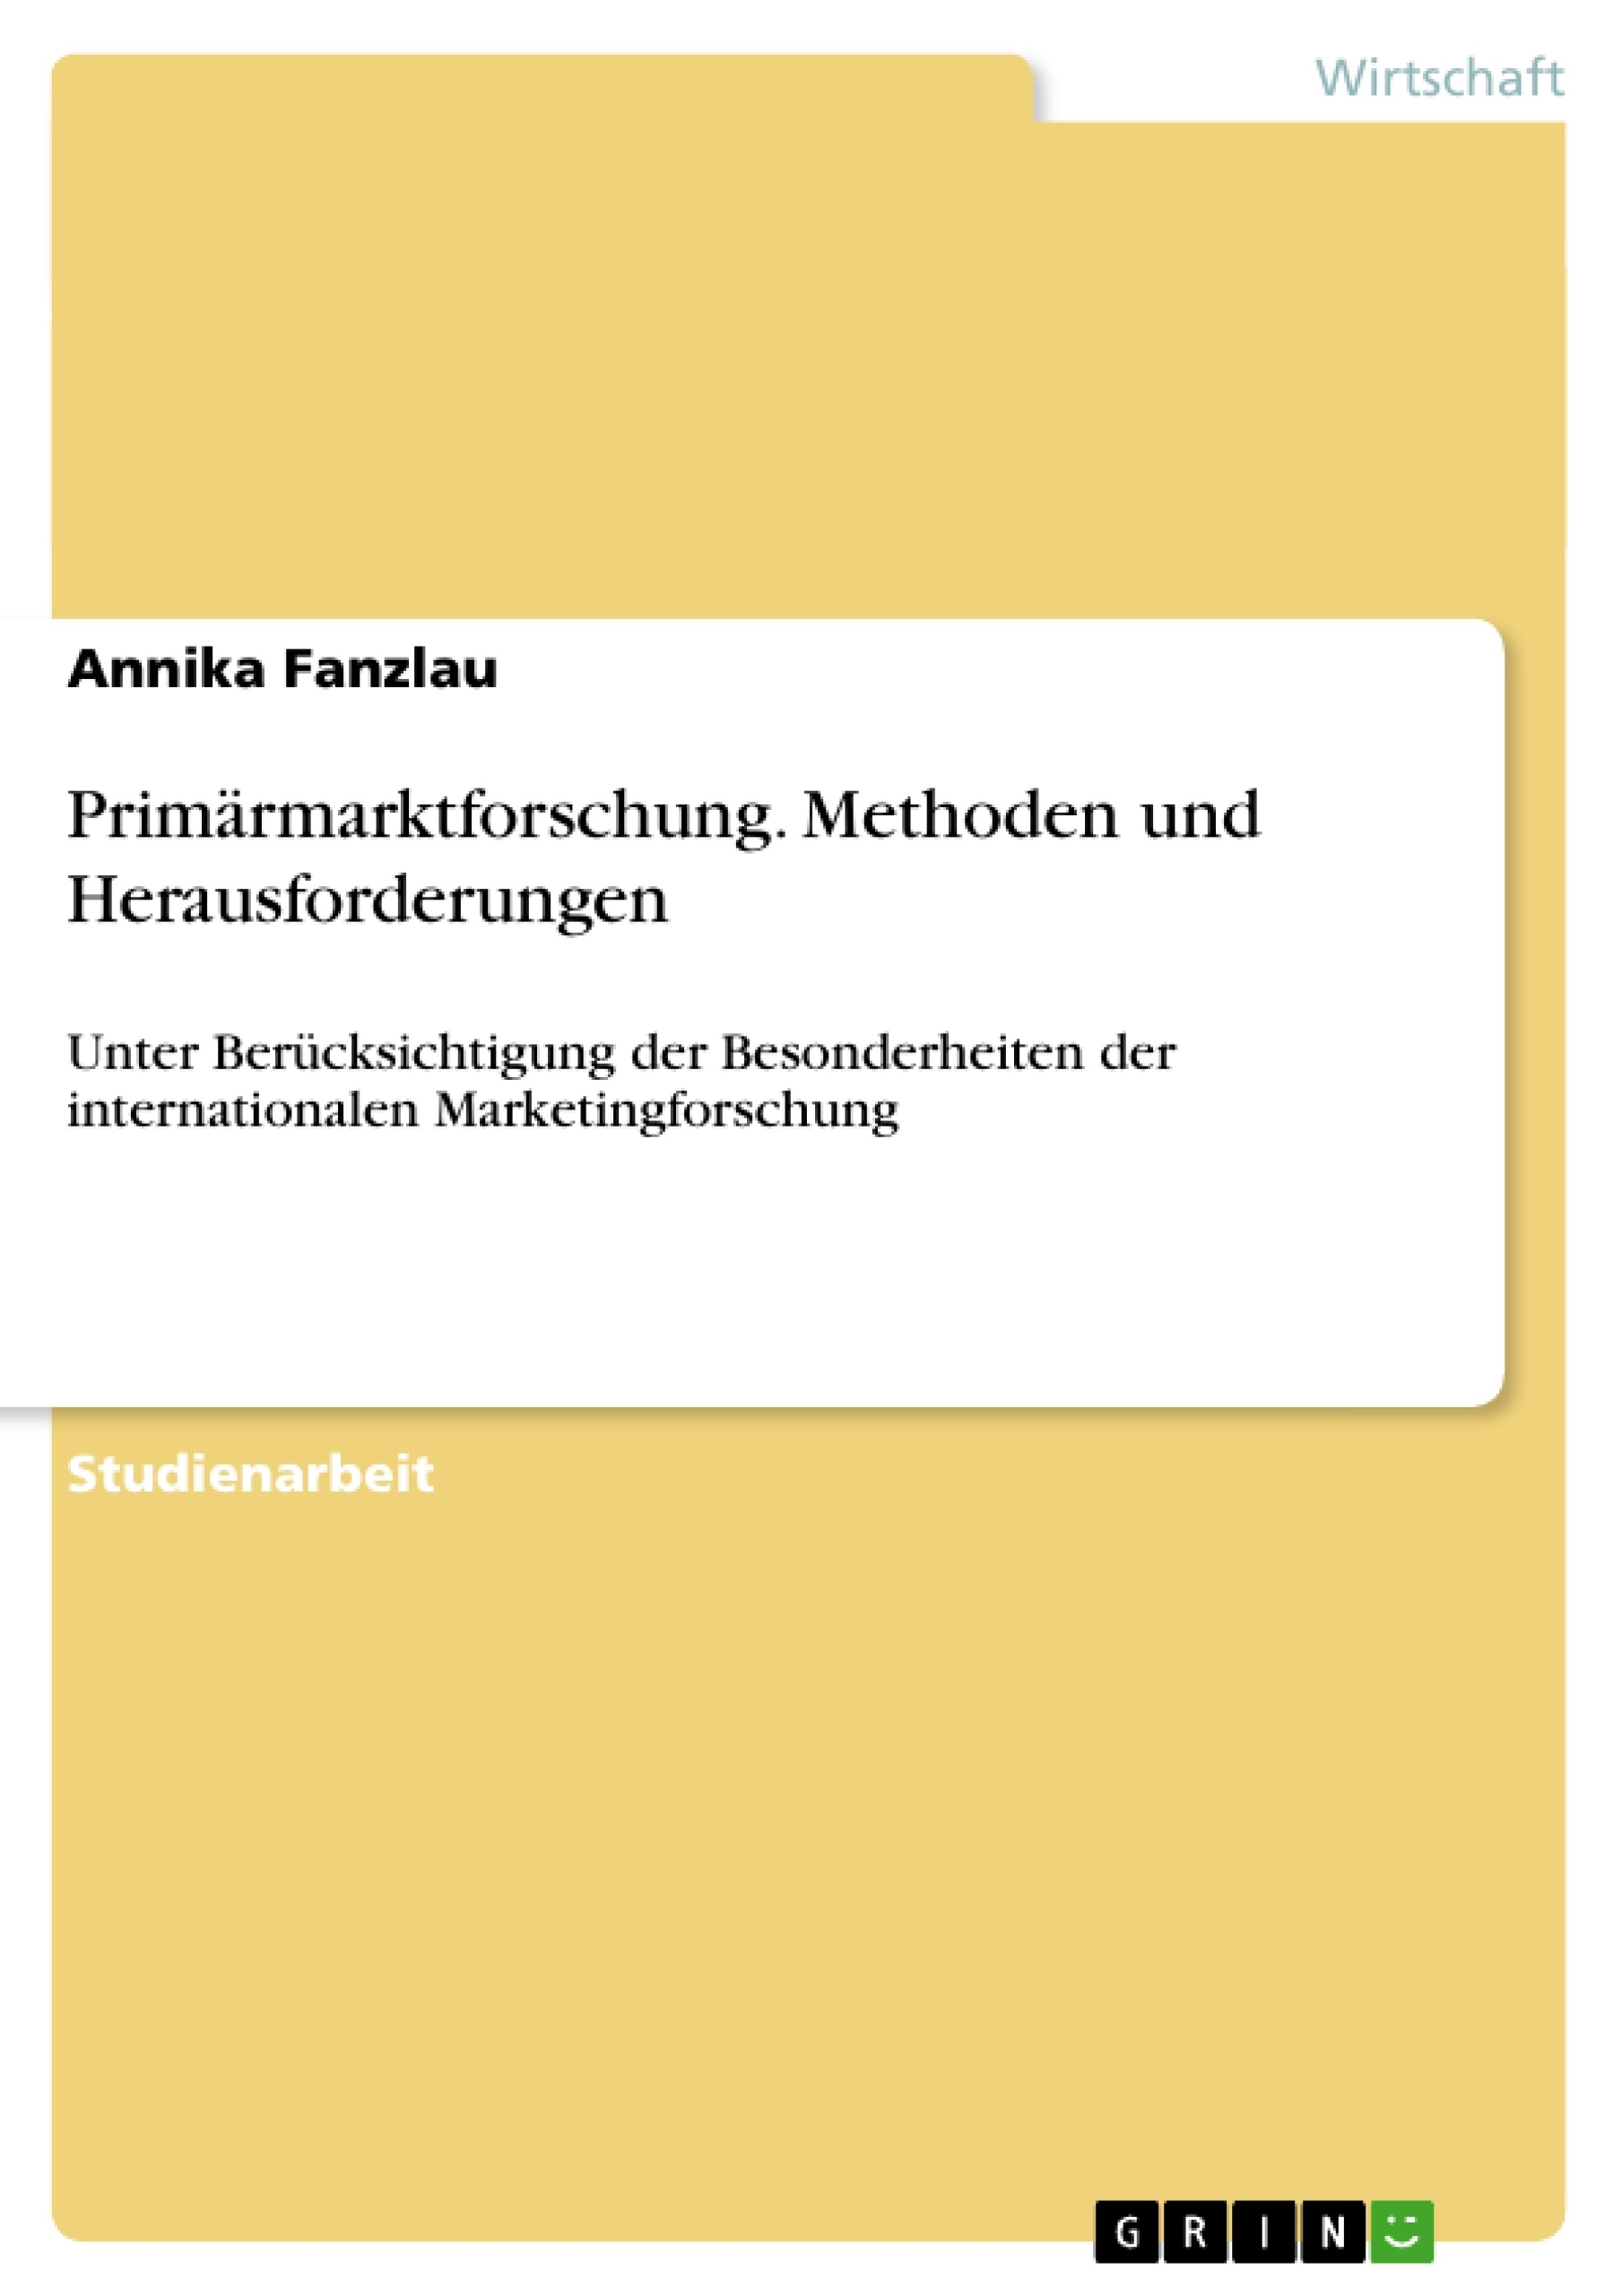 Titel: Primärmarktforschung. Methoden und Herausforderungen